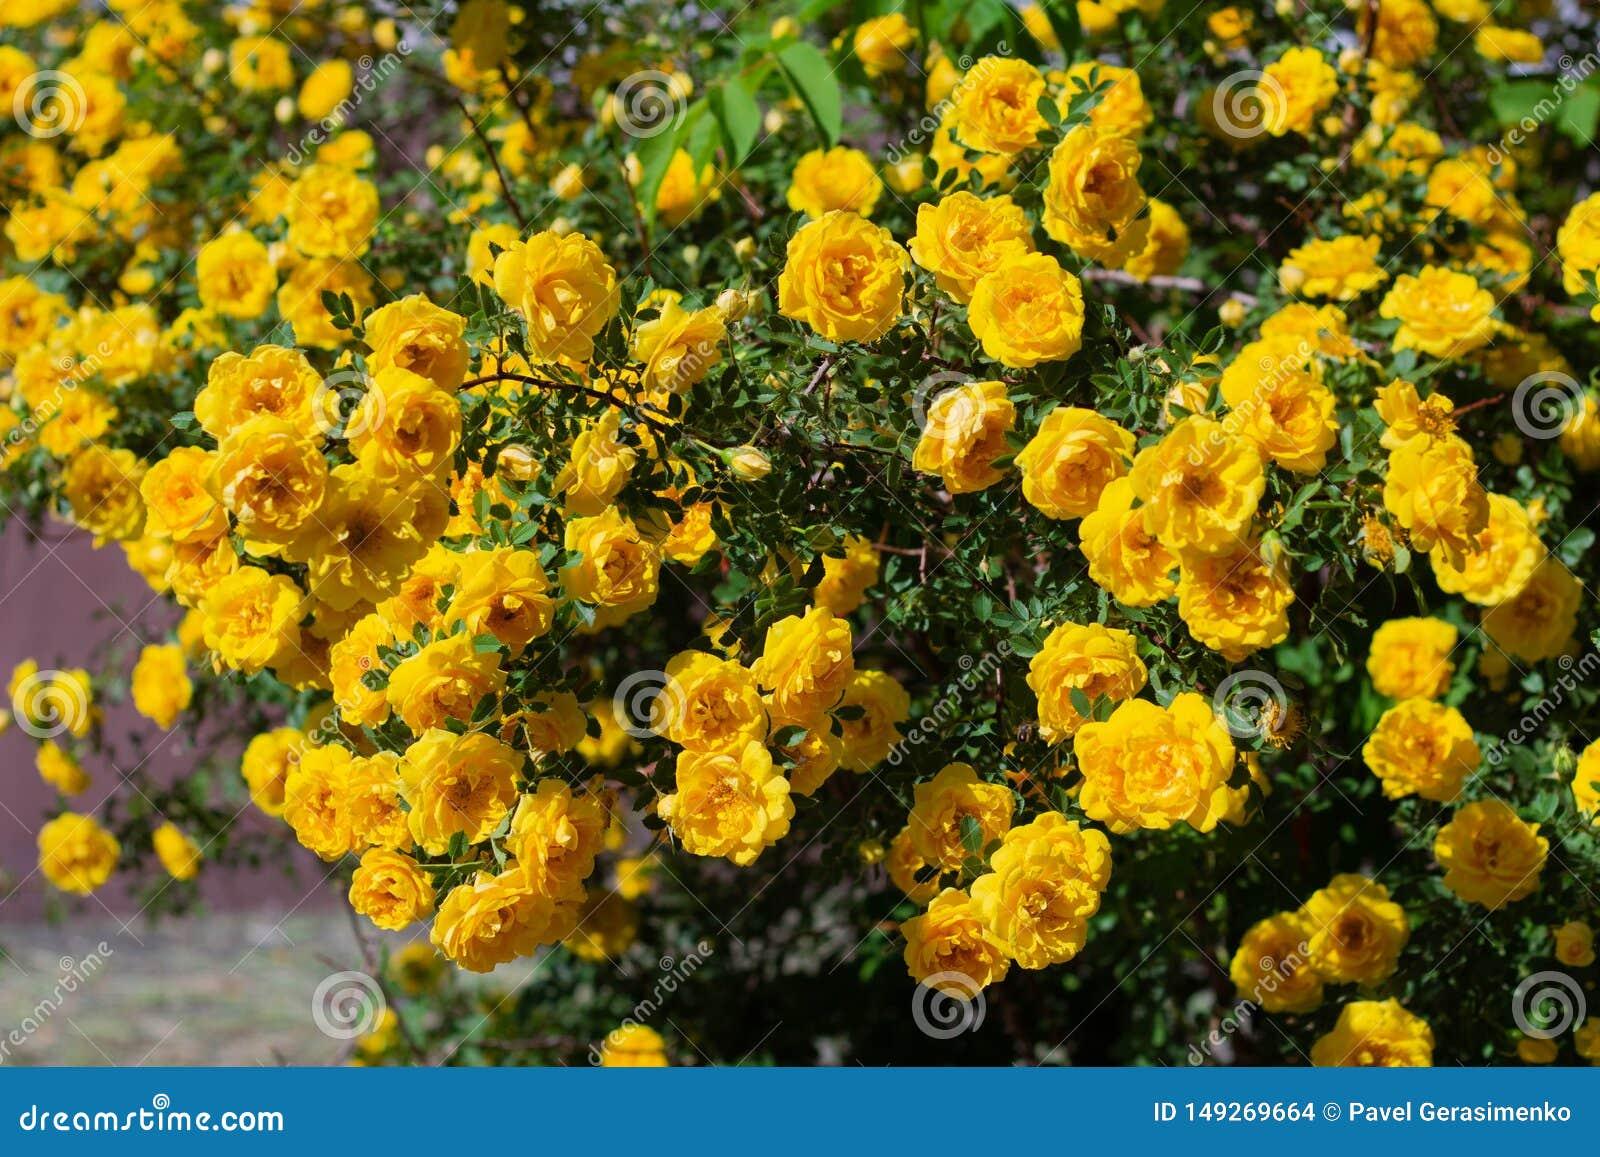 Odoukey Colgando de Flores en Maceta de Flores del Amarillo de Pared florero de cer/ámica Decorativa de jard/ín Tiesto